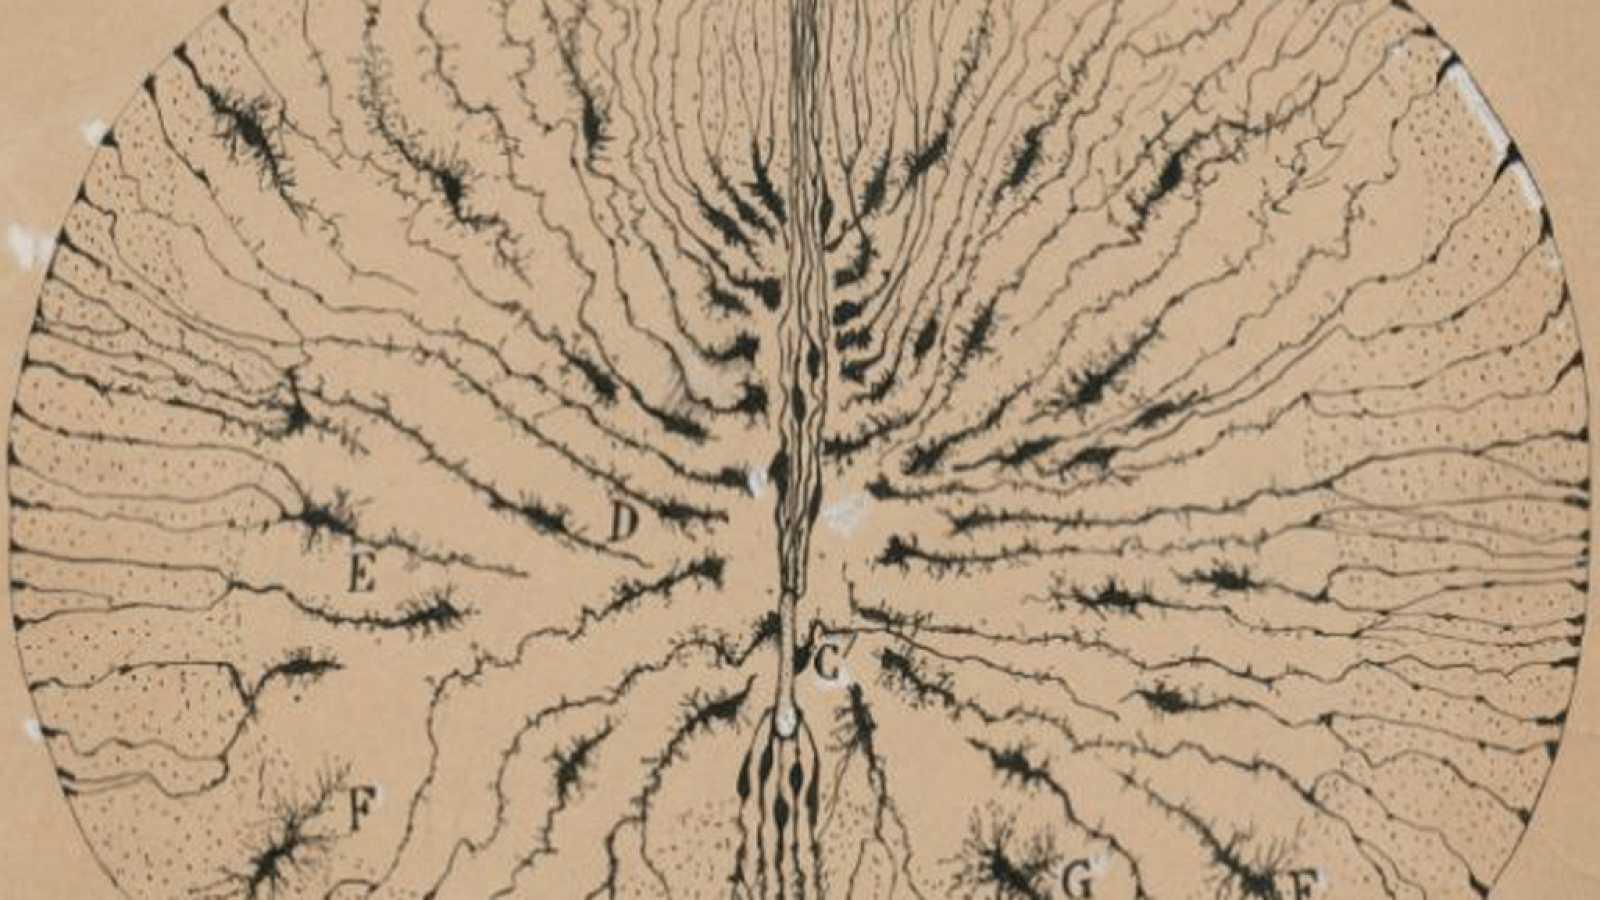 Entre paréntesis - 'La belleza del cerebro', vista por Ramón y Cajal - 25/07/18 - Escuchar ahora